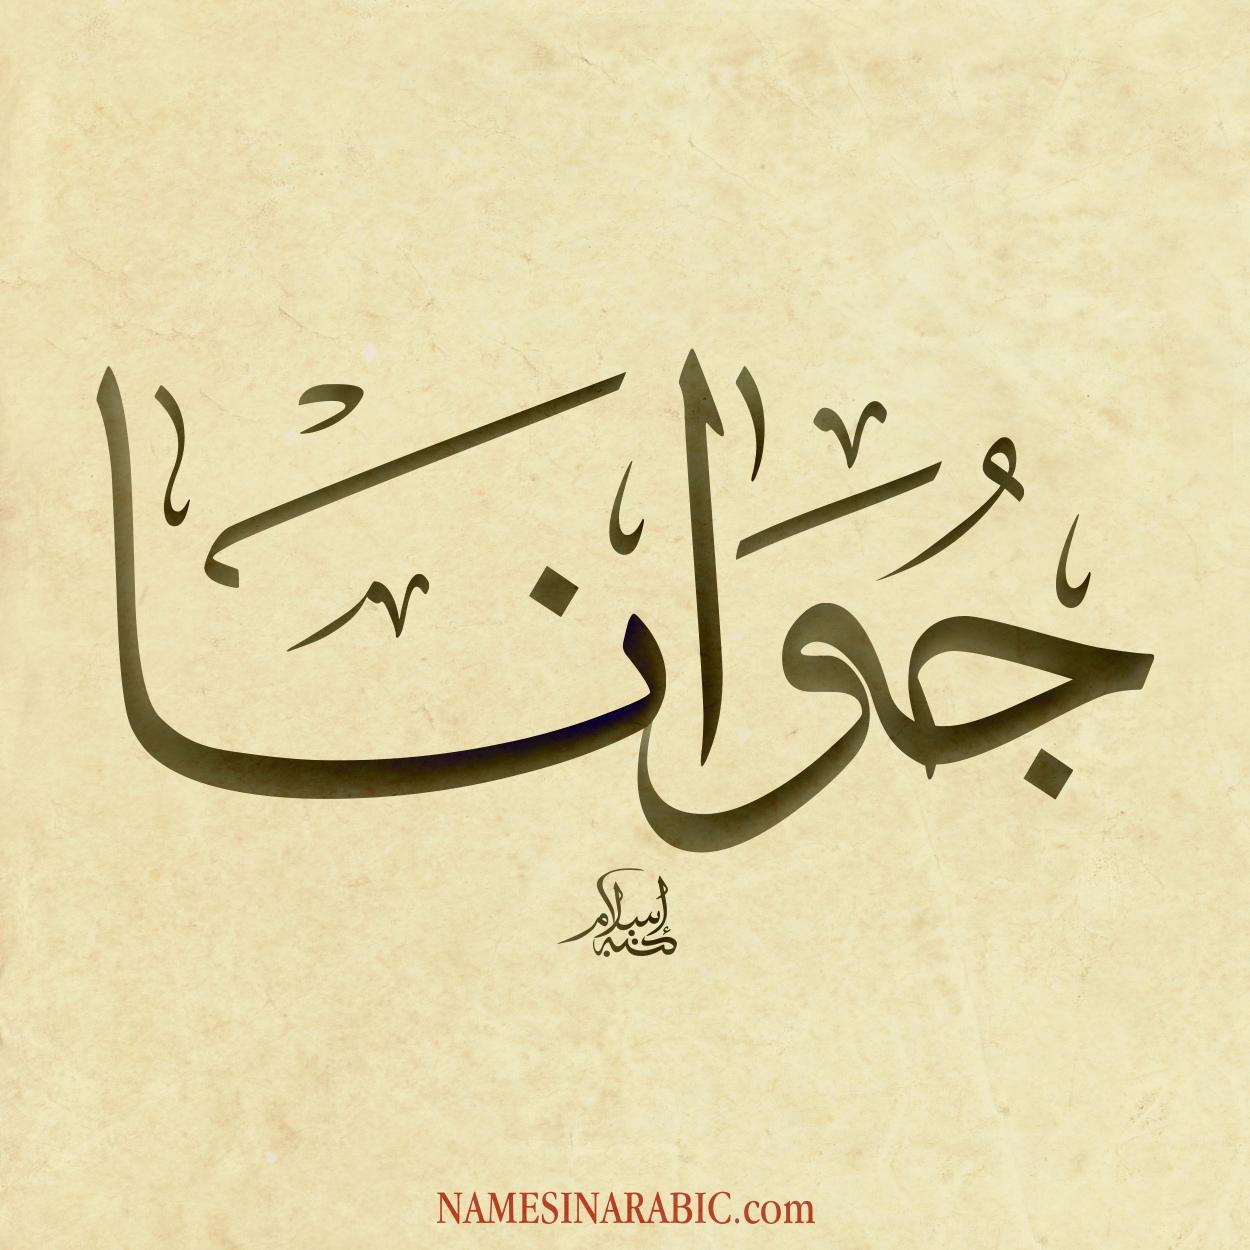 Joanna-Name-in-Arabic-Calligraphy.jpg